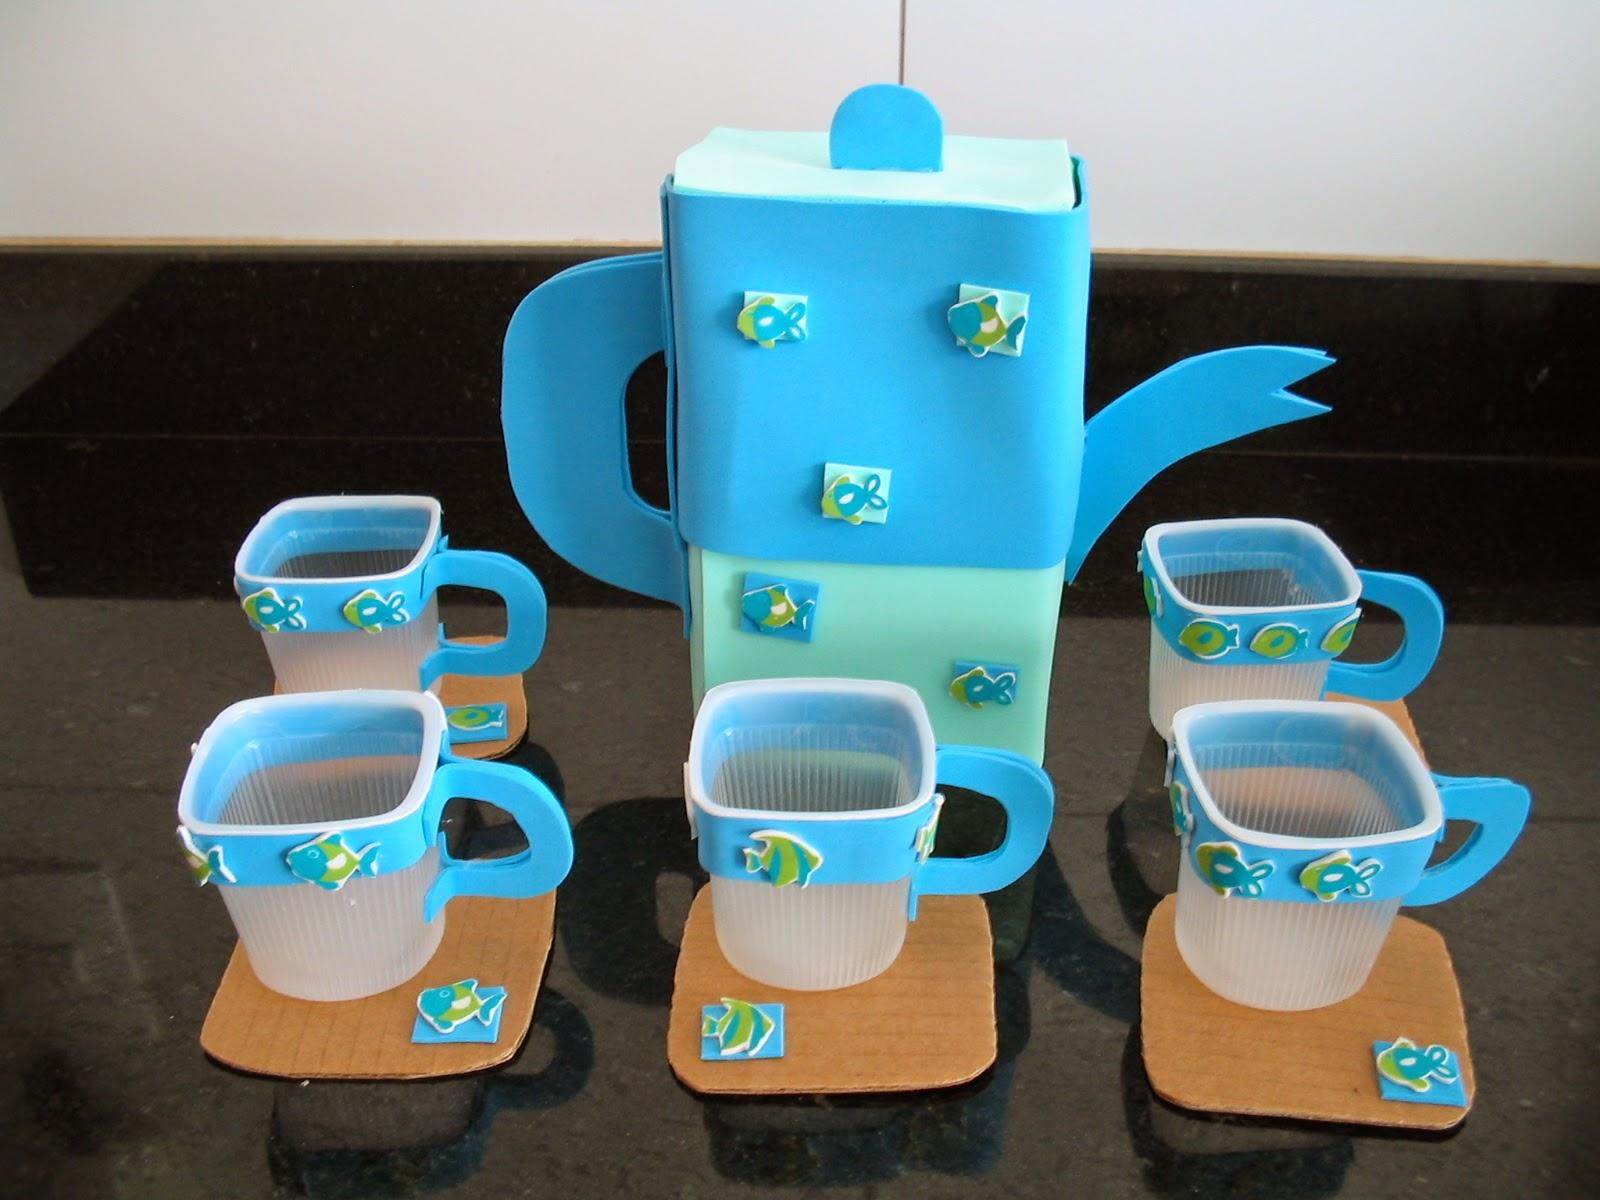 Brinquedo com sucata: Jogo de chá feito com caixa de leite papelão  #0E8EBD 1600 1200